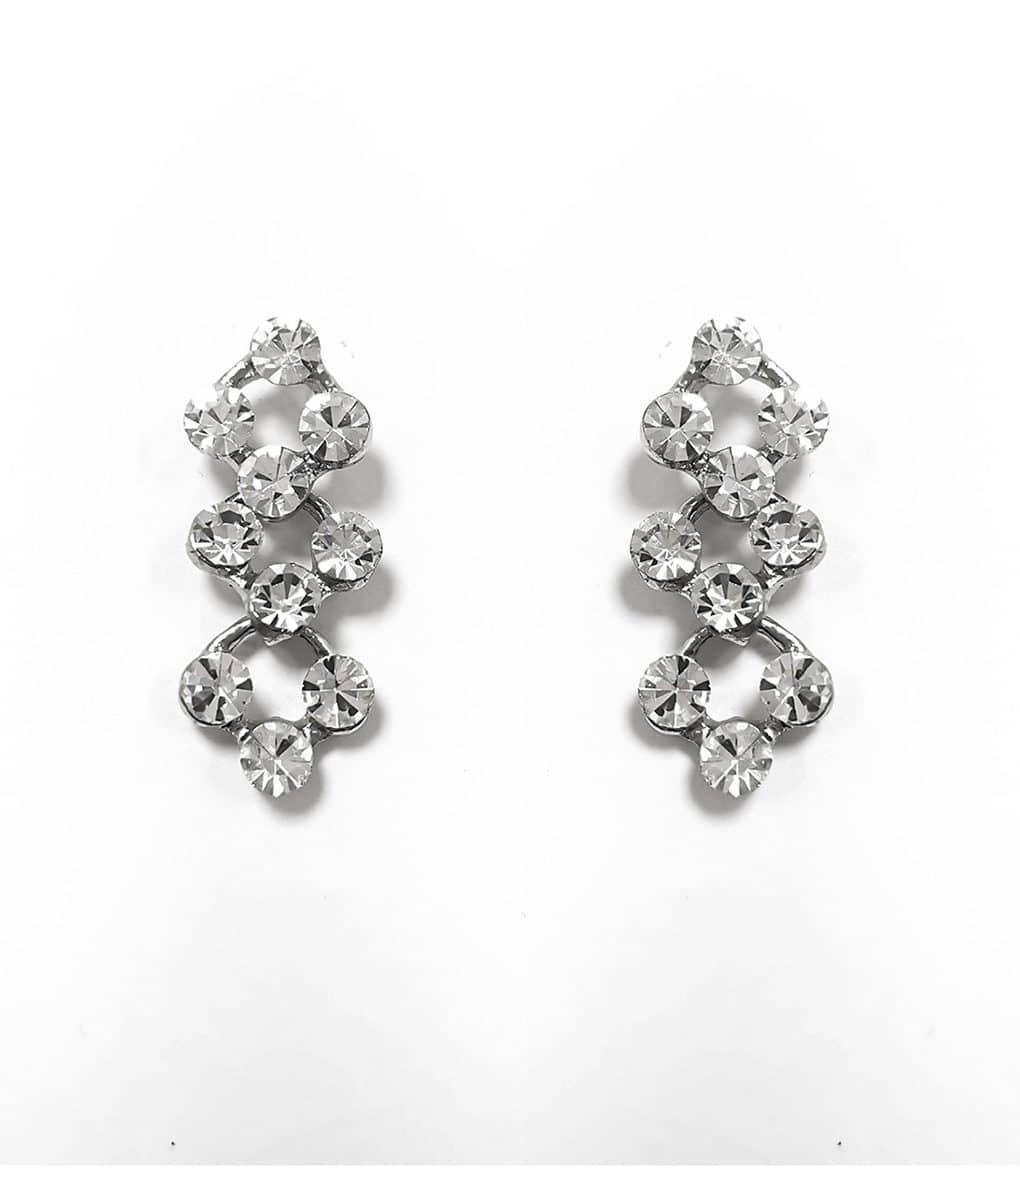 Delicate Crystal Linked Earrings